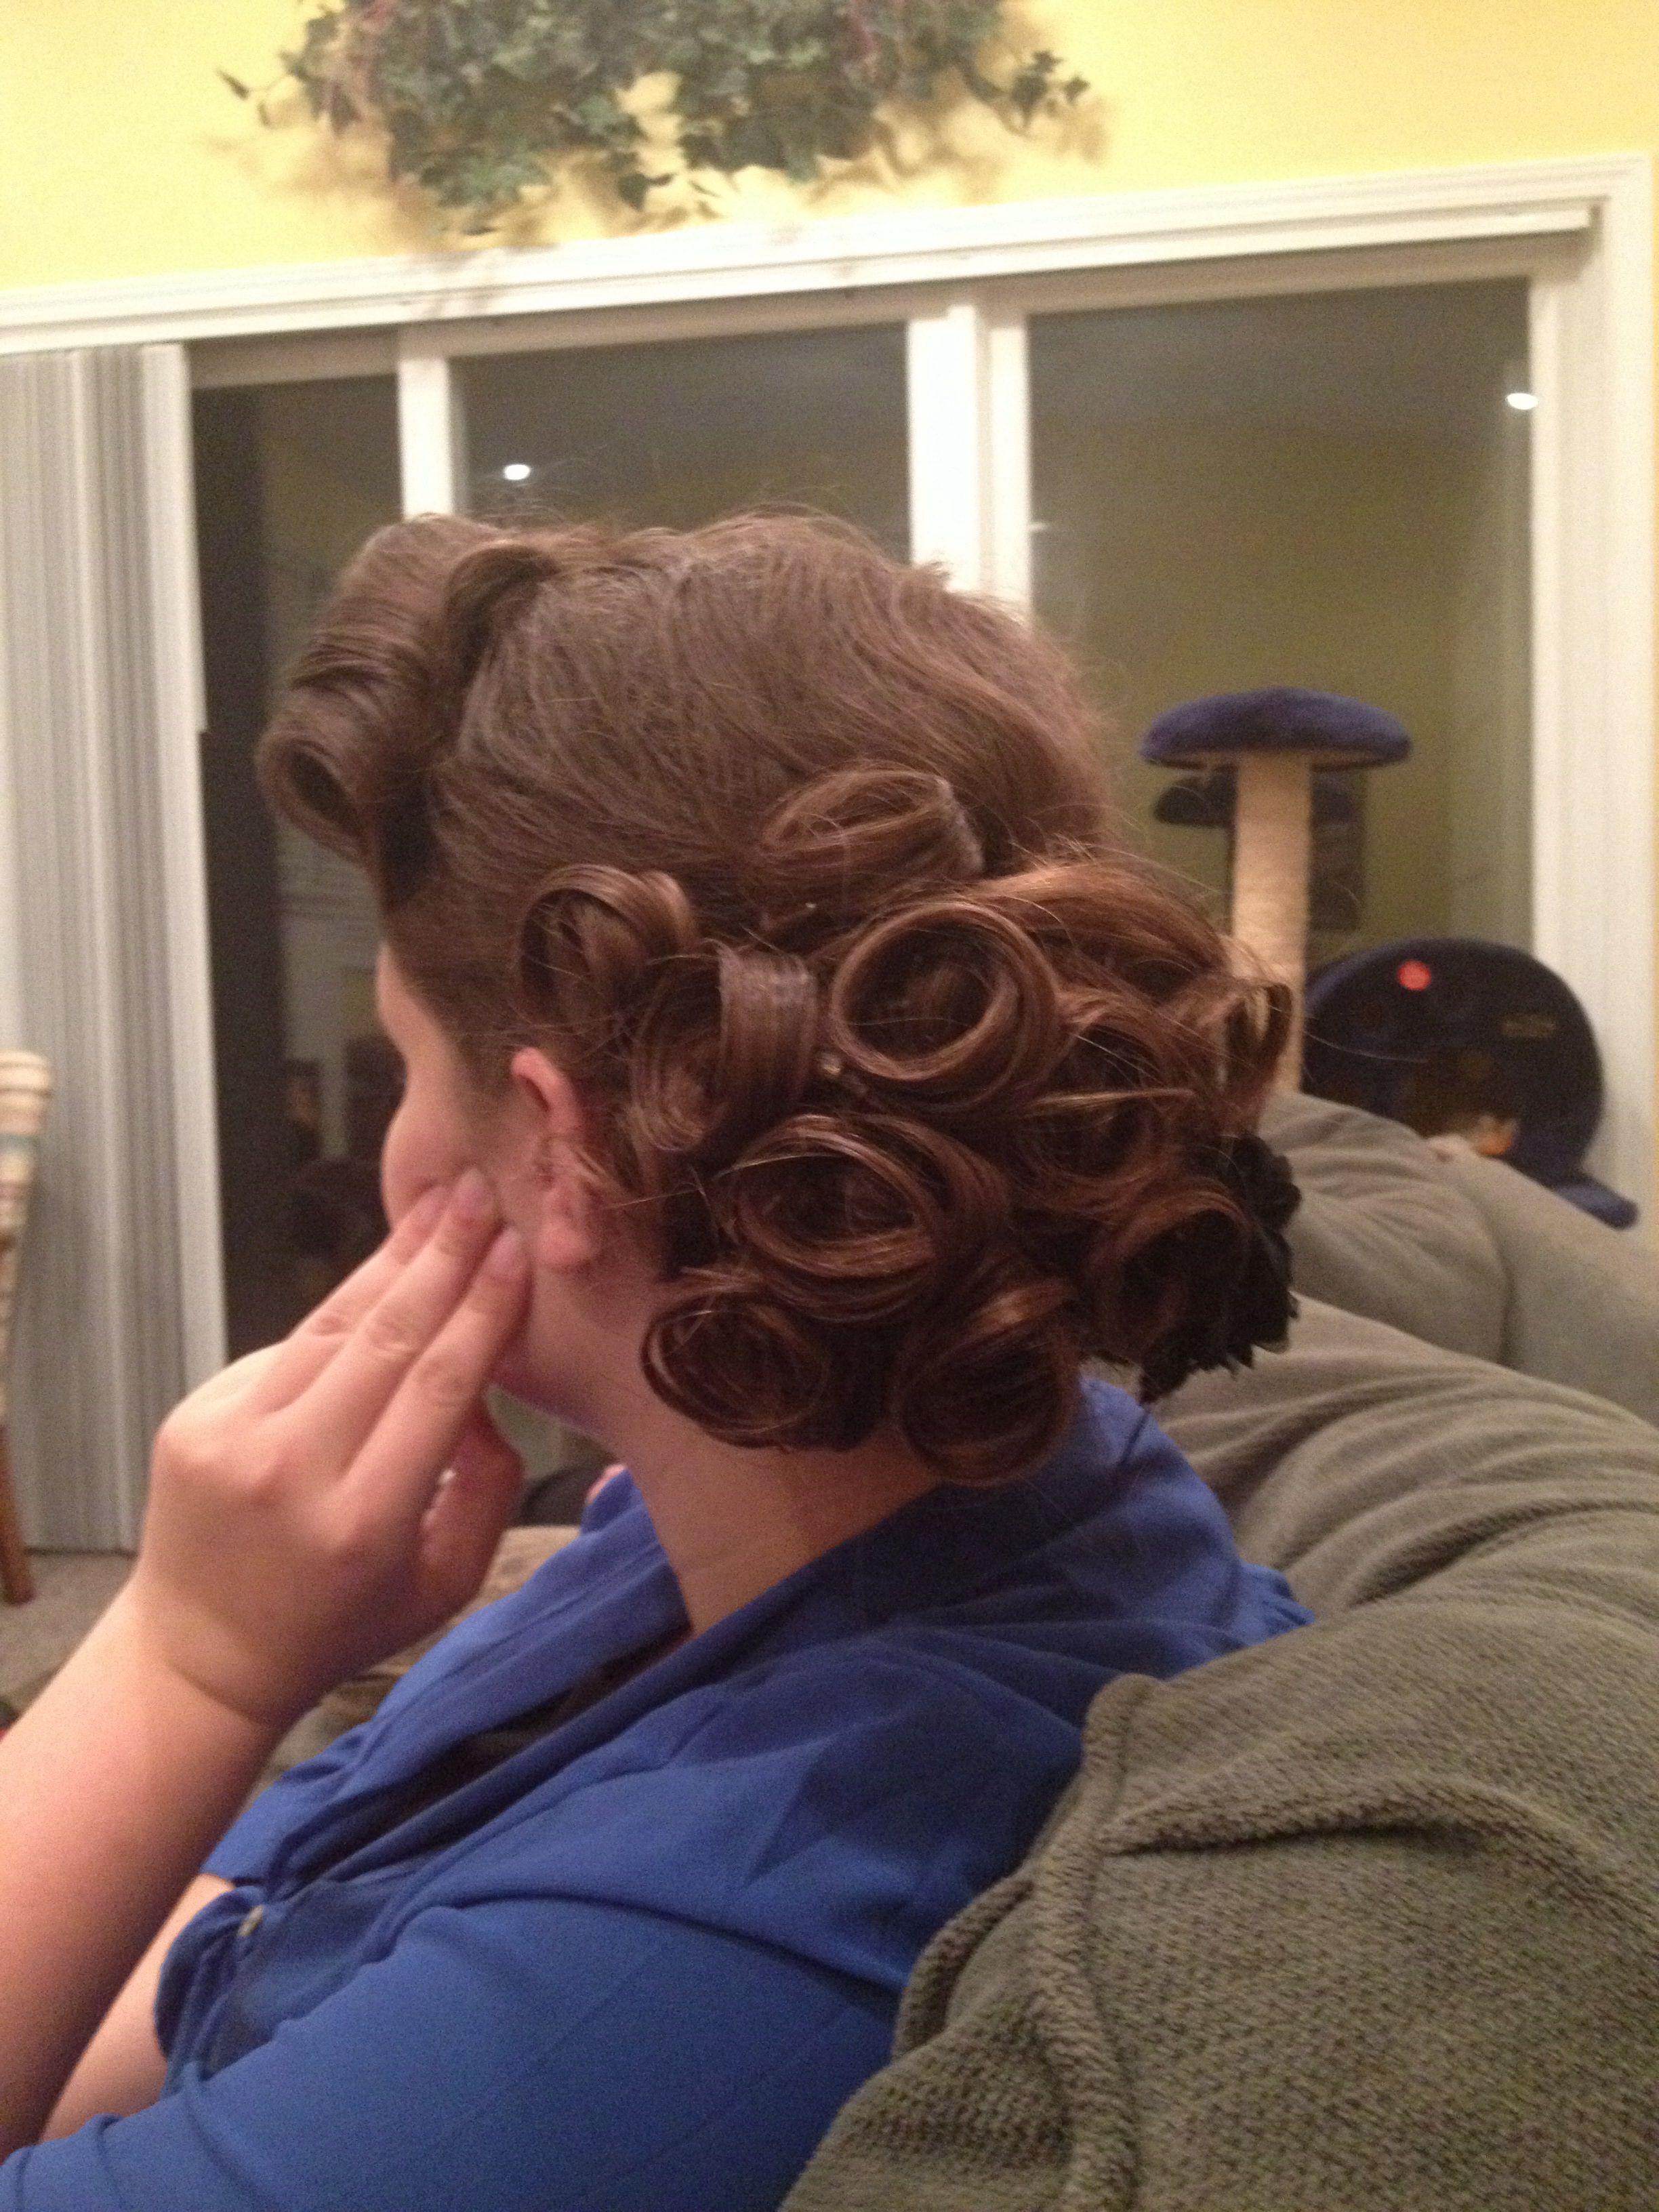 My bestfriend's hairstyle. Love it so cute.